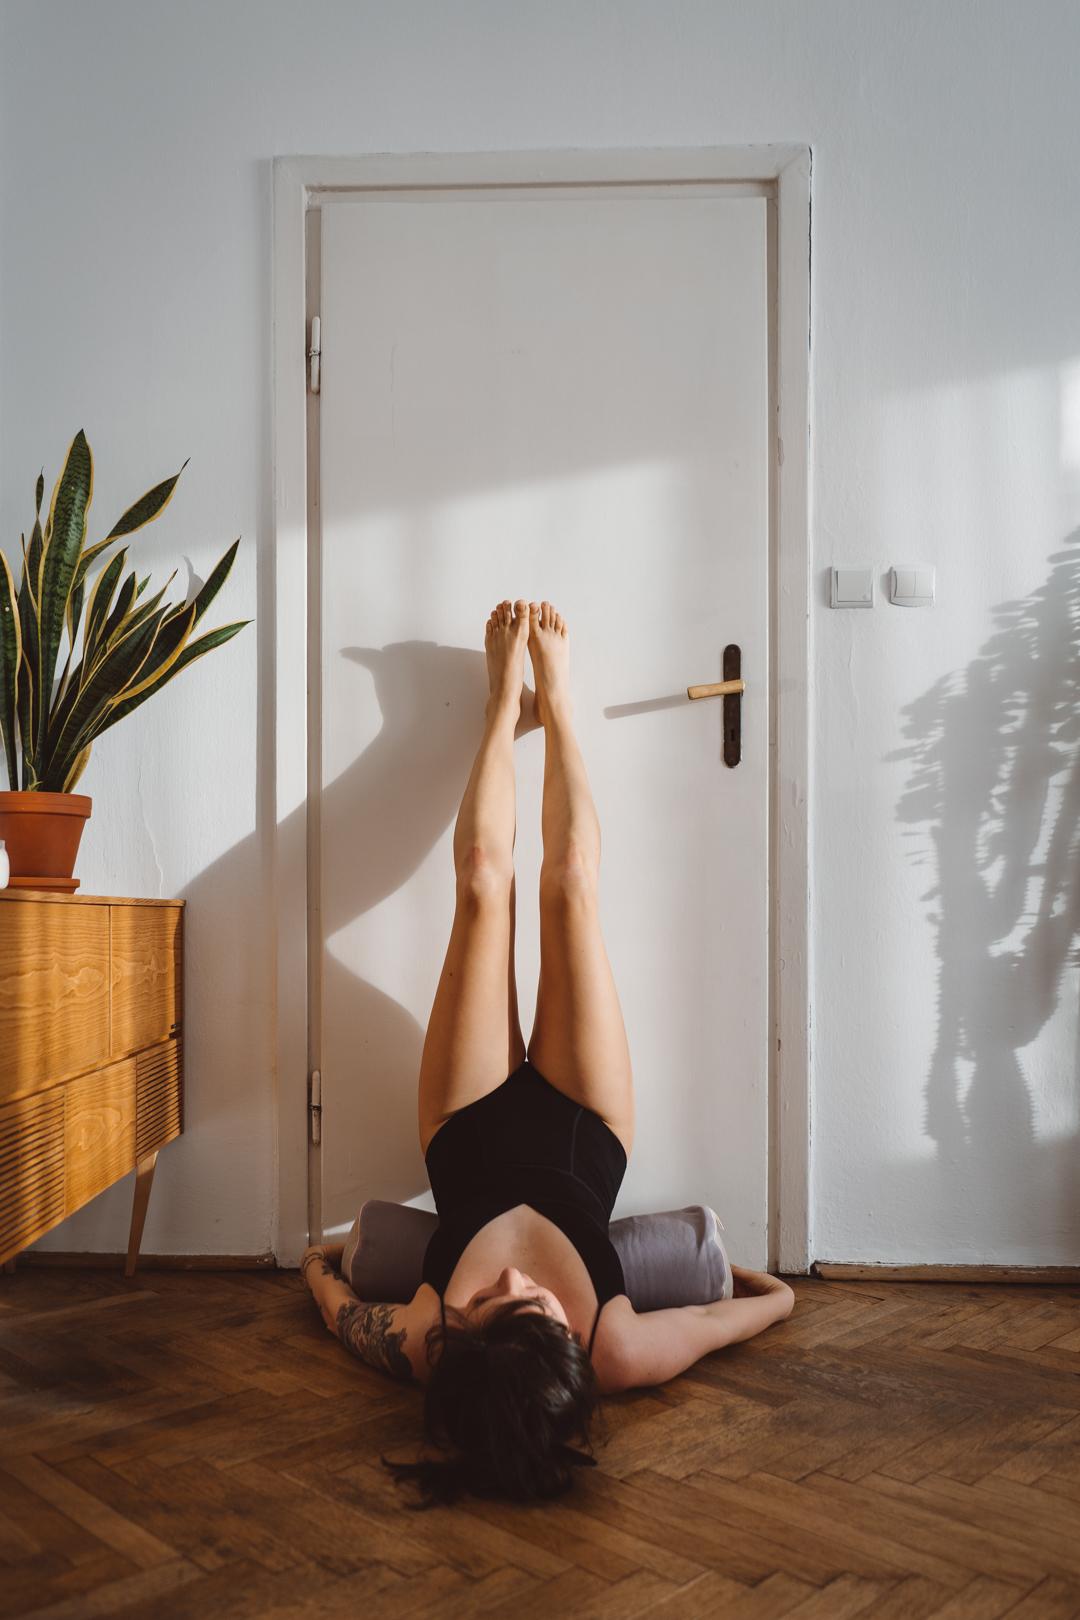 viparita karani pozycja jogi z nogami na ścianie